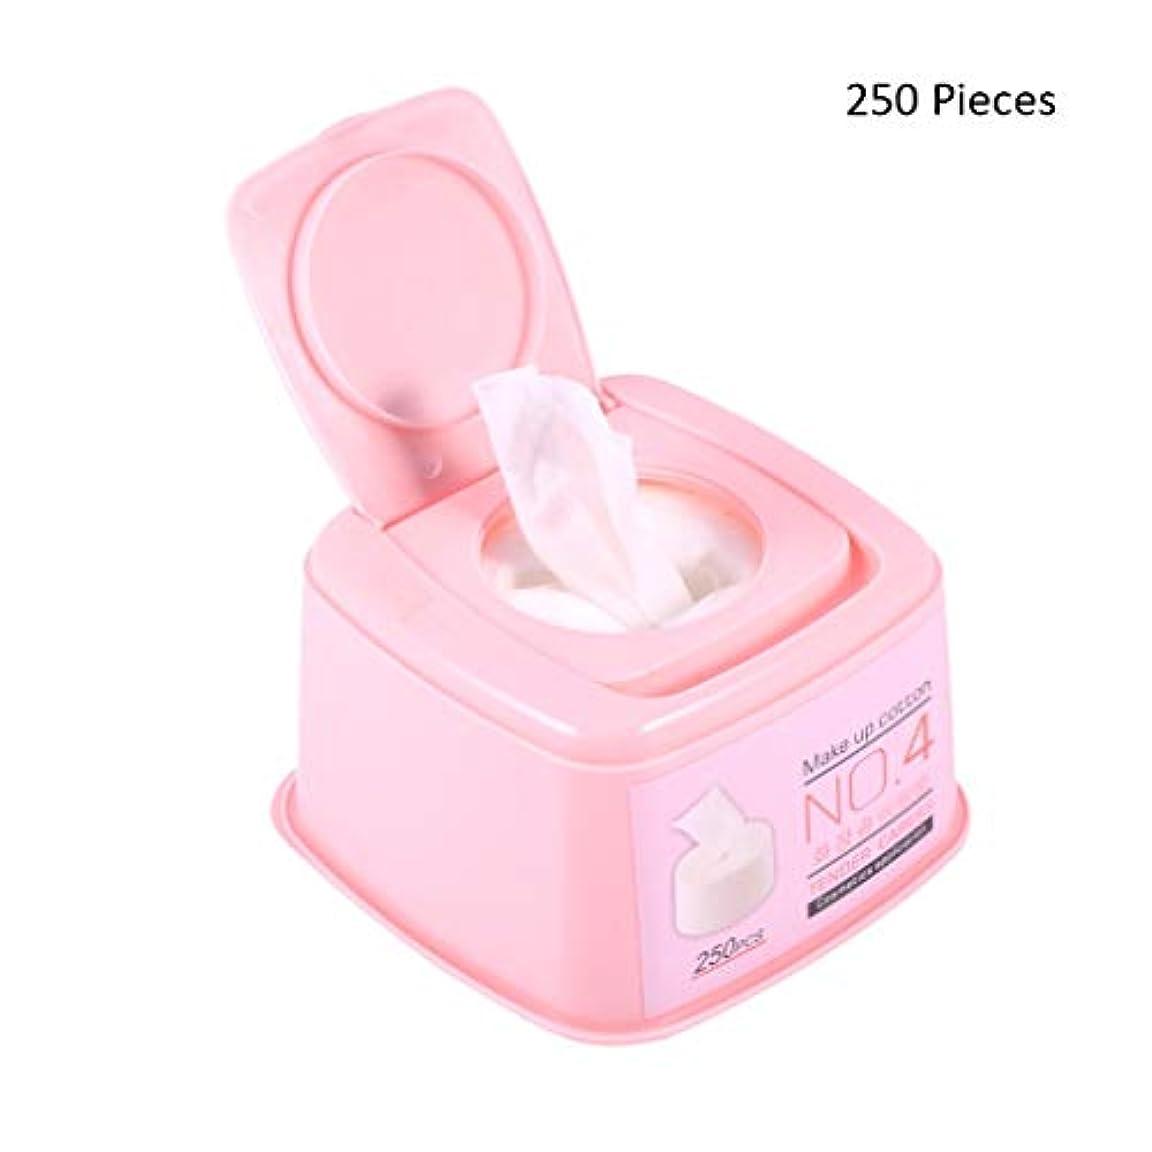 南アメリカ敬意を表するロール250ピース/ボックスフェイスメイクリムーバーパッドメイクアップコットンワイプディープフェイシャルアイクレンジングスキンケアフェイスウォッシュ化粧品ツール (Color : Pink, サイズ : 11.5*11.5*7cm)